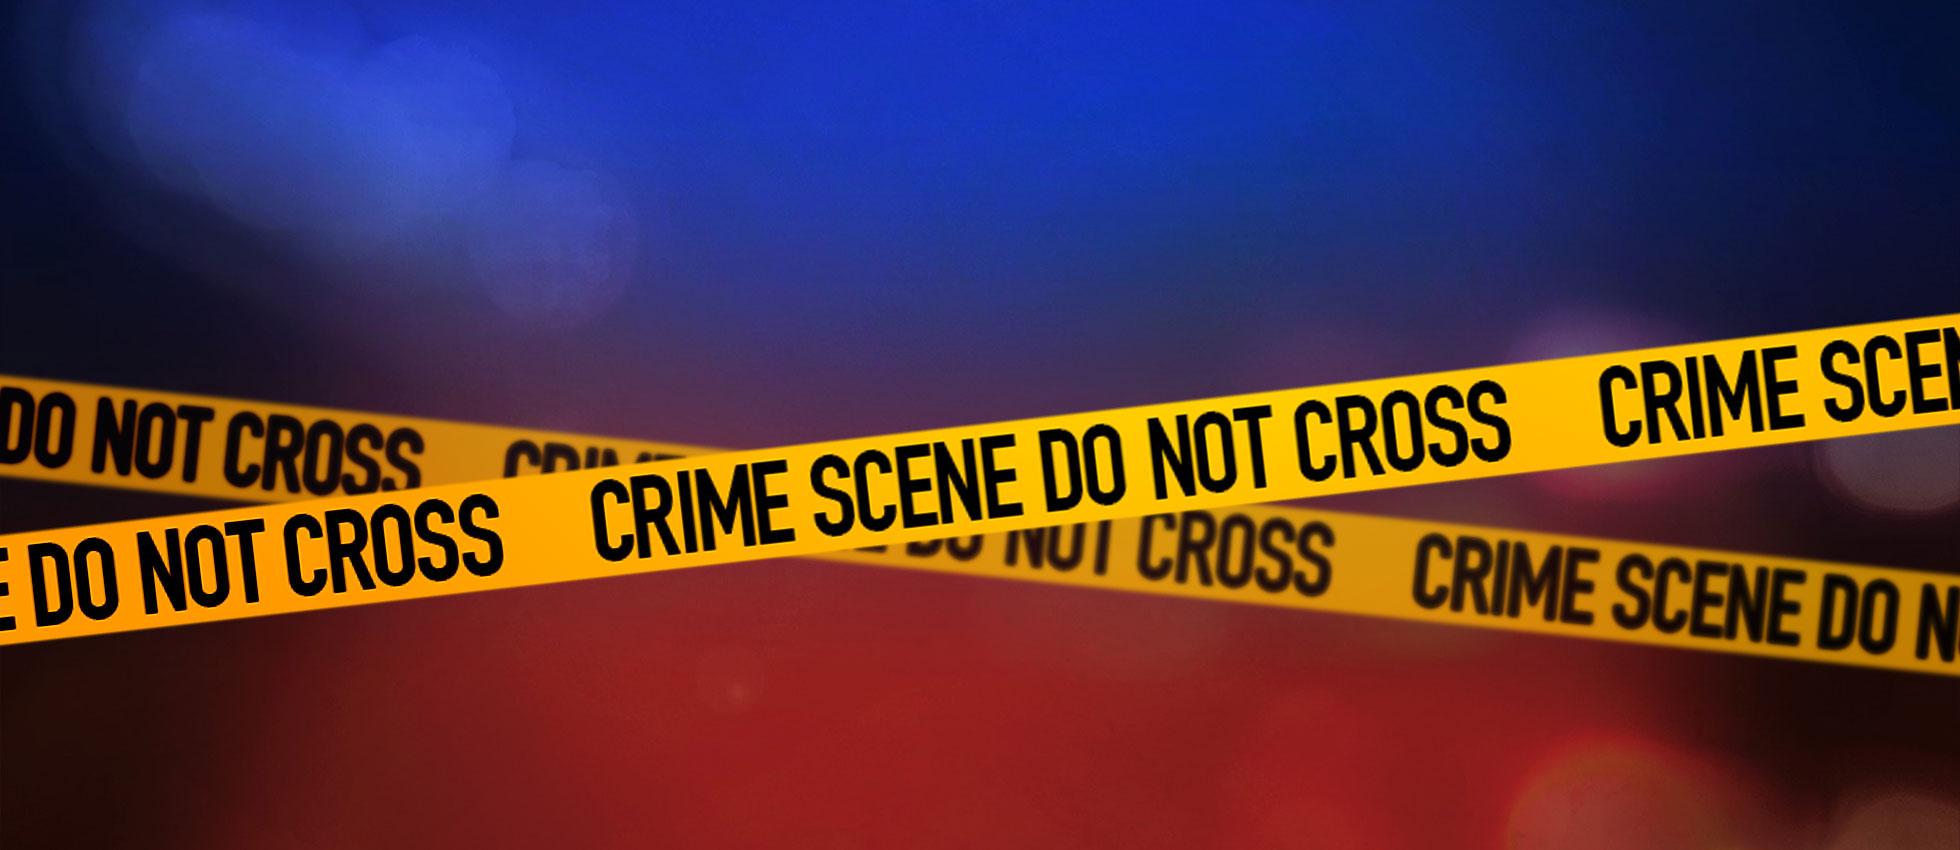 KELO Crime Scene Tape